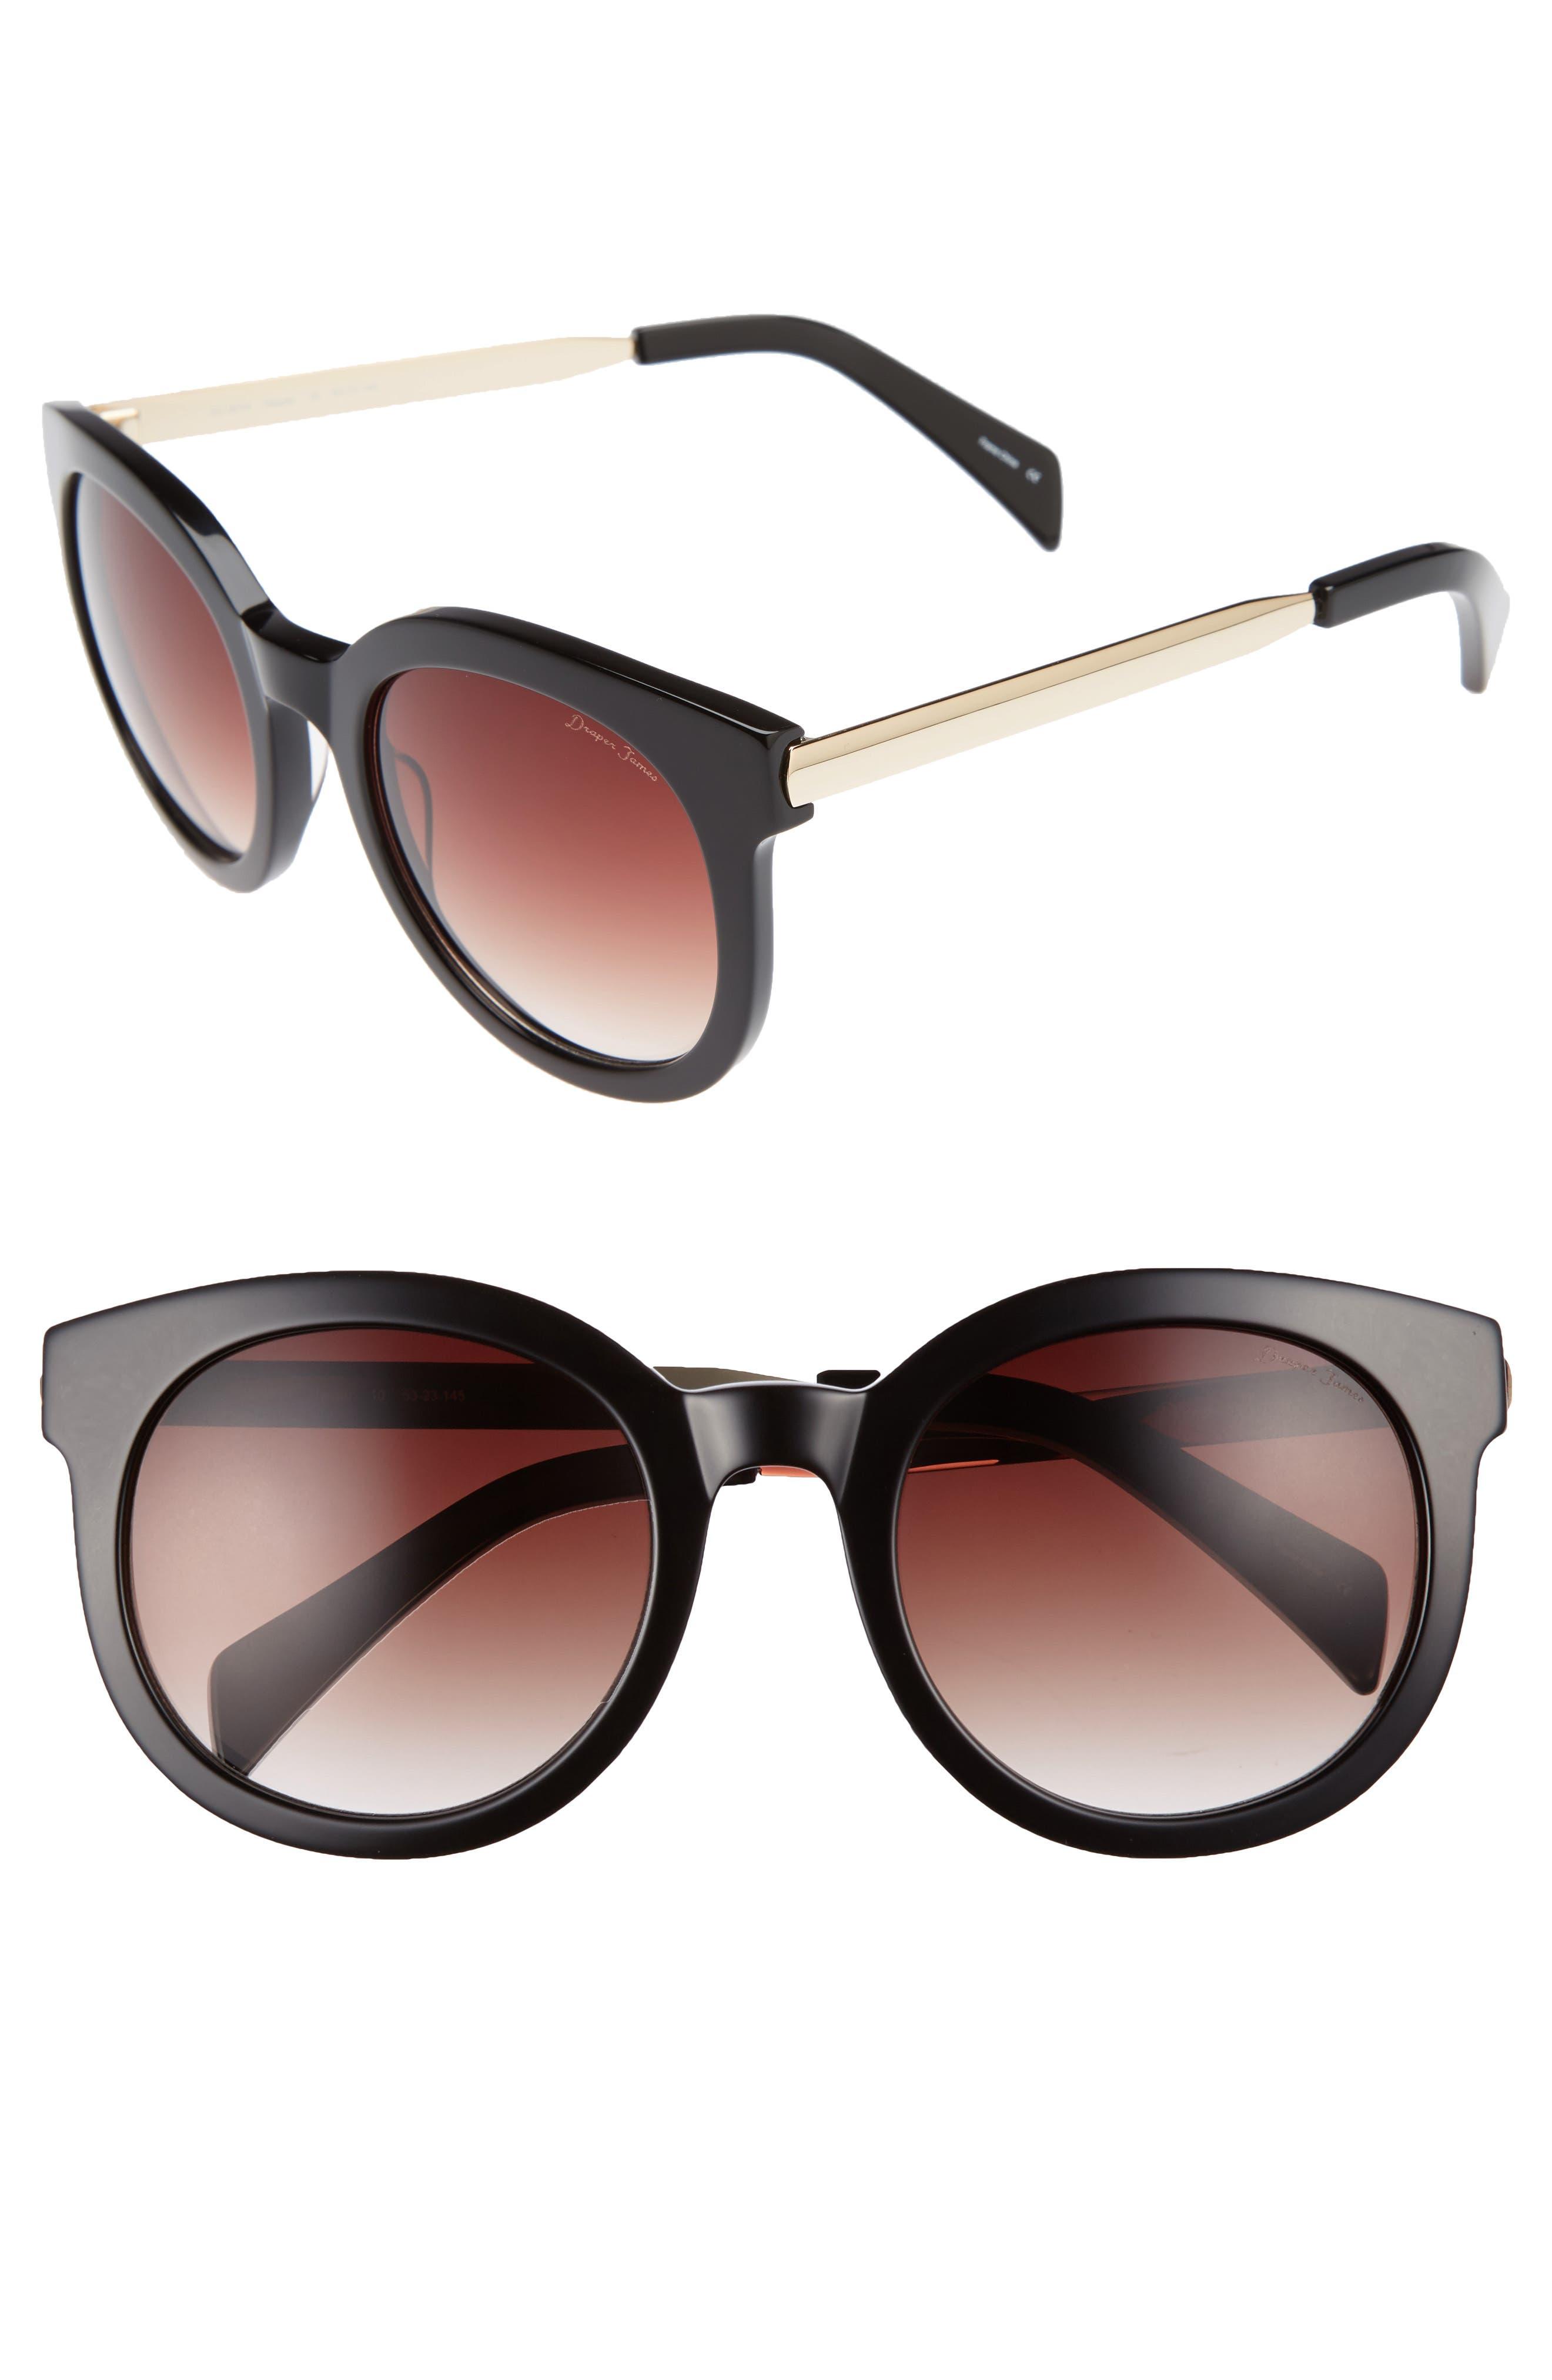 53mm Gradient Lens Round Sunglasses,                             Main thumbnail 1, color,                             001